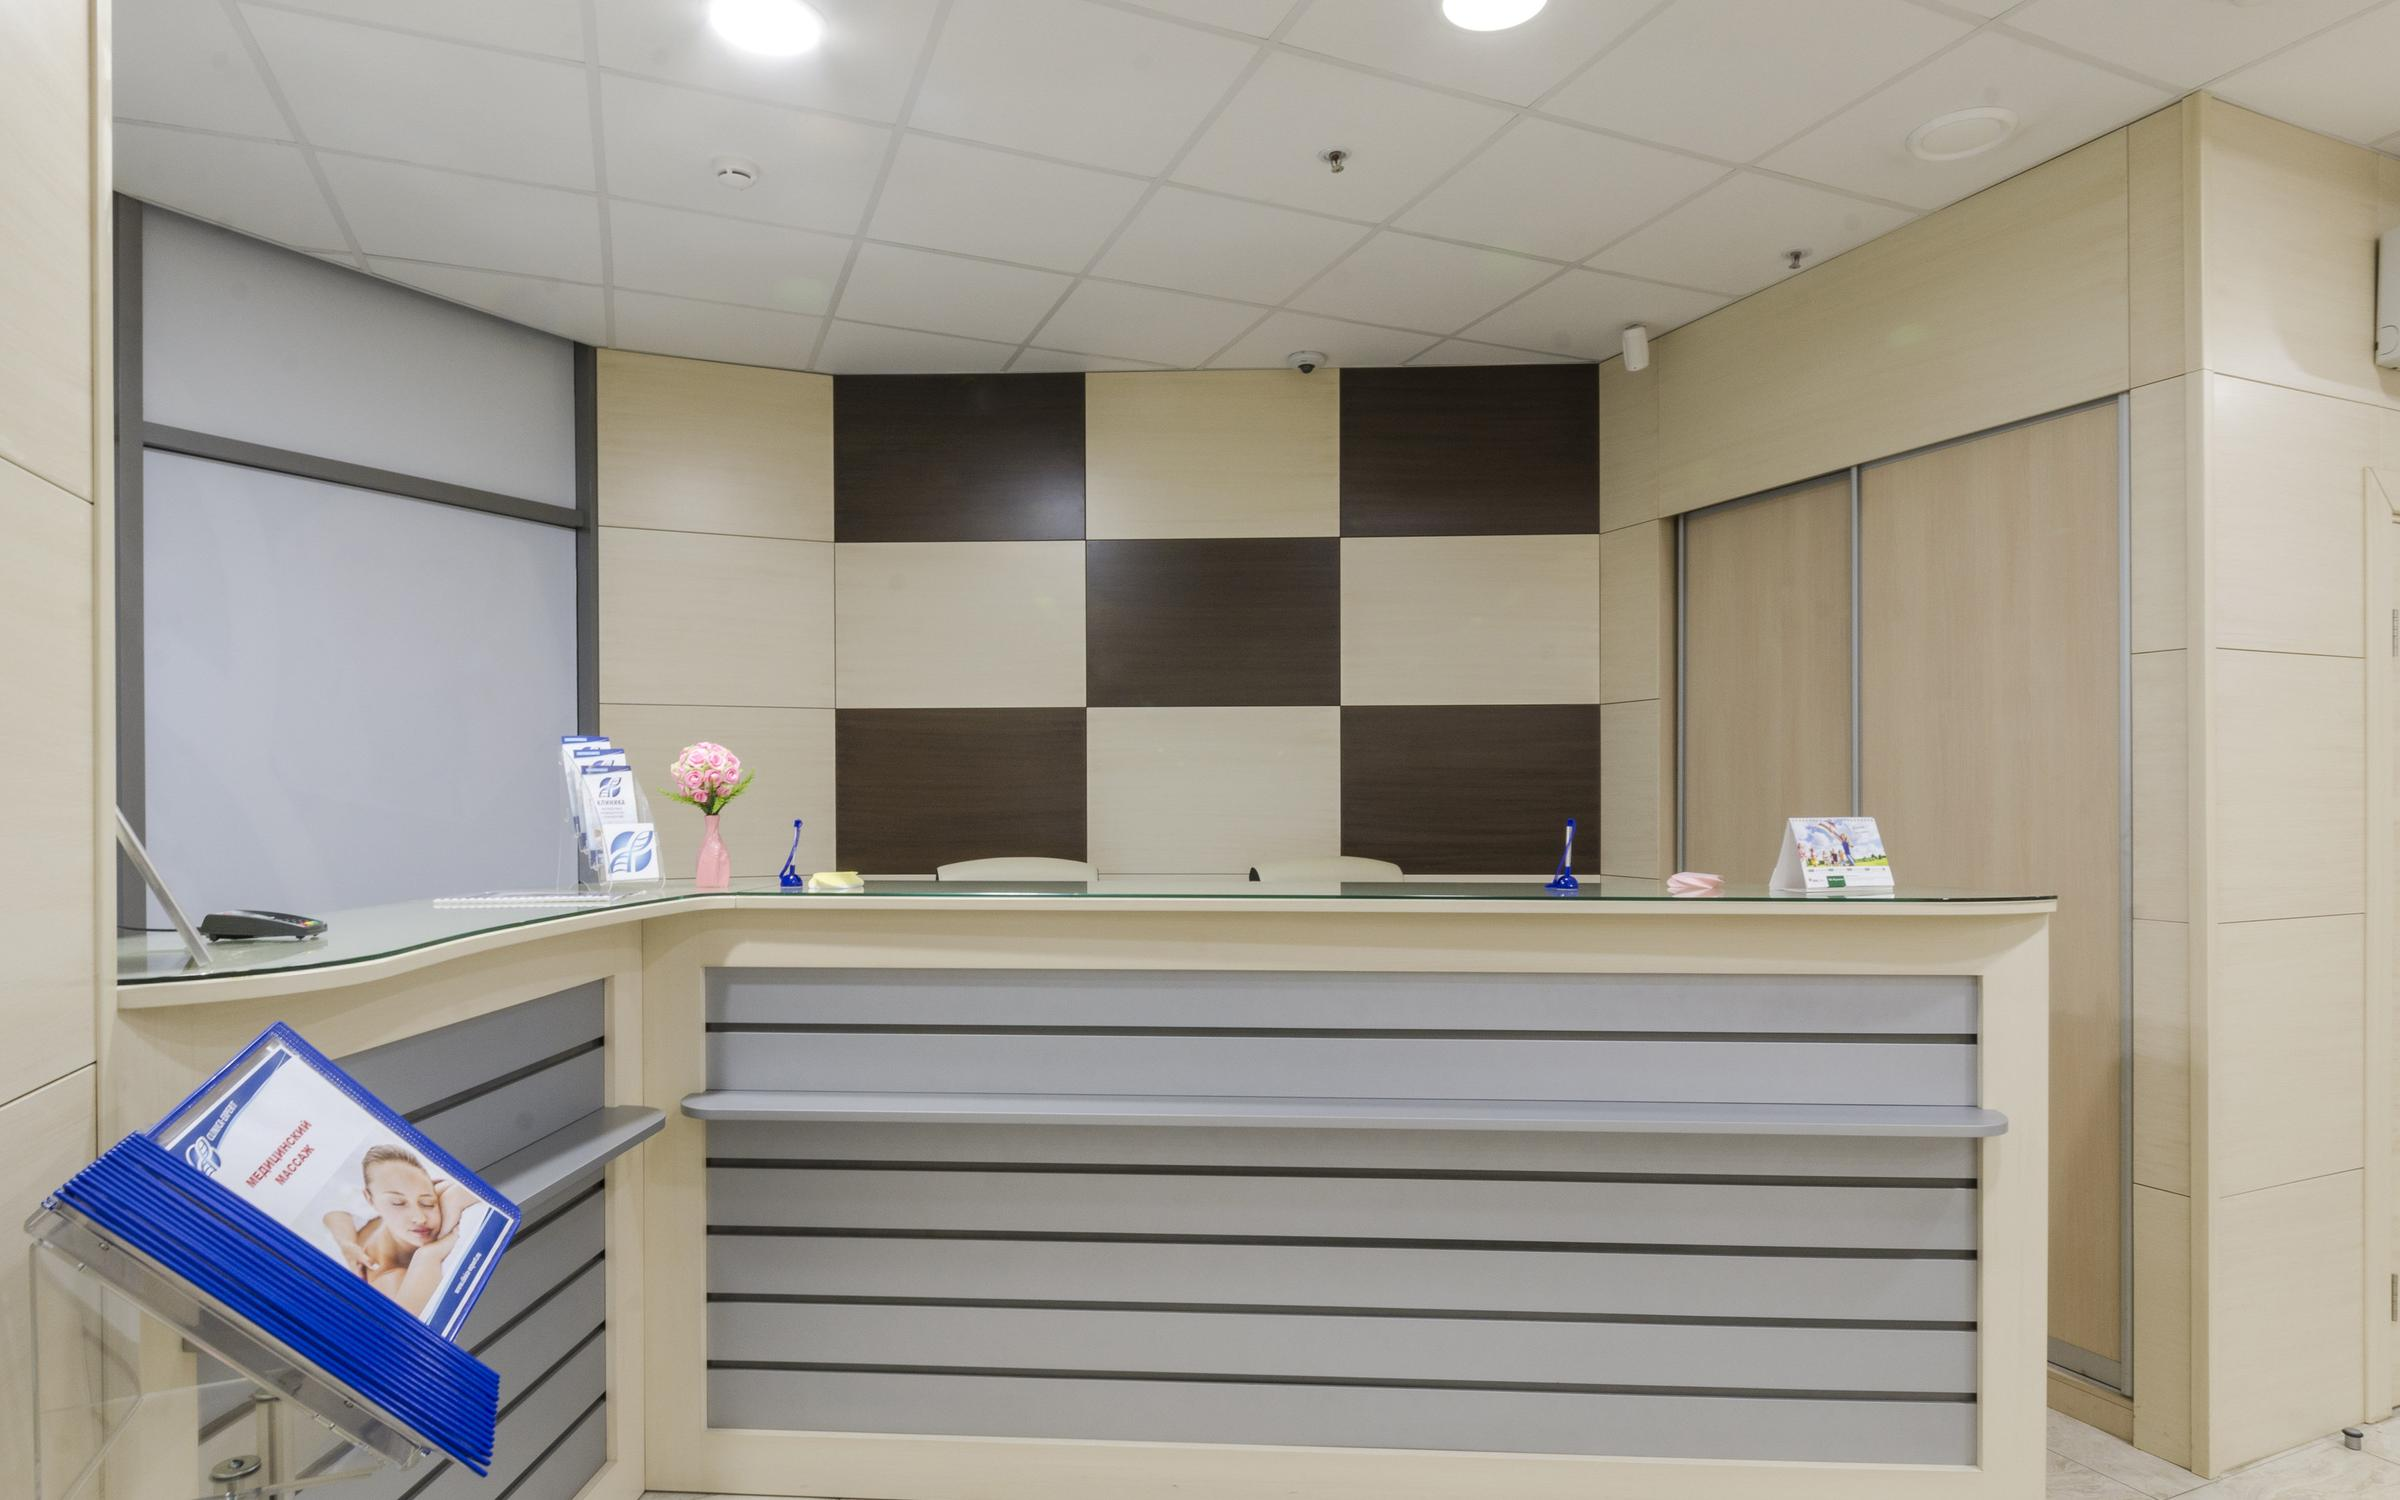 фотография Клиники экспертных медицинских технологий на Алтуфьевском шоссе